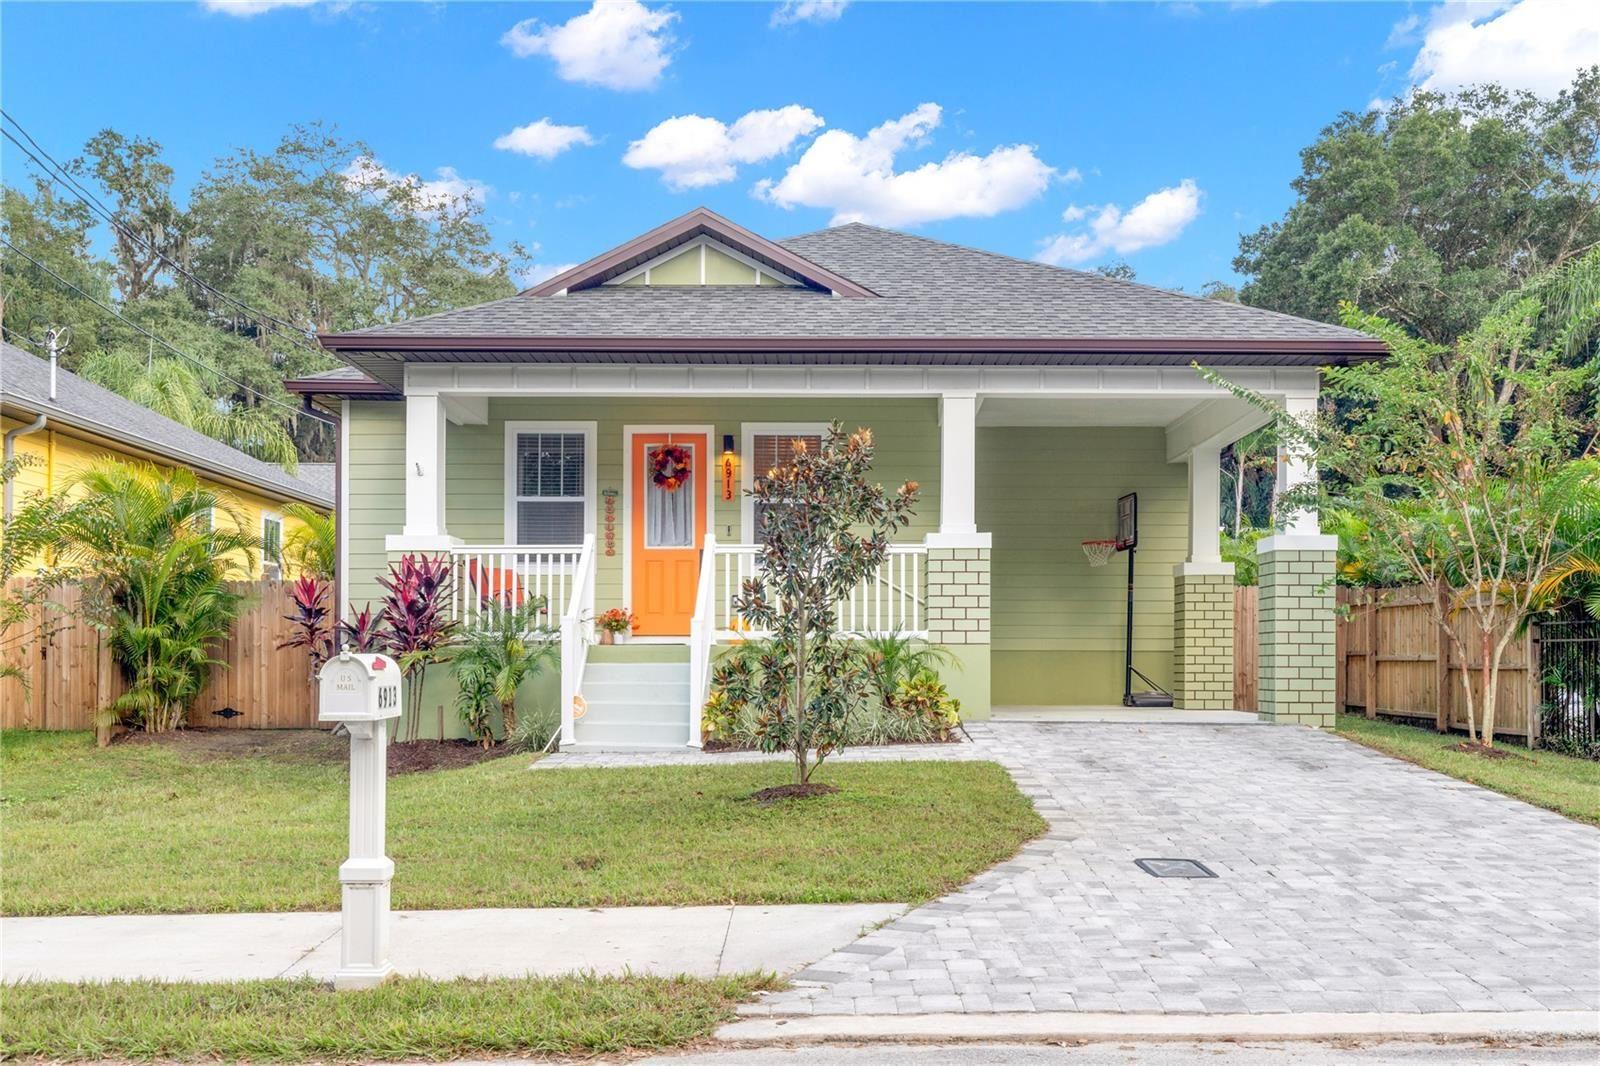 6913 N 19TH STREET, Tampa, FL 33610 - #: T3334985